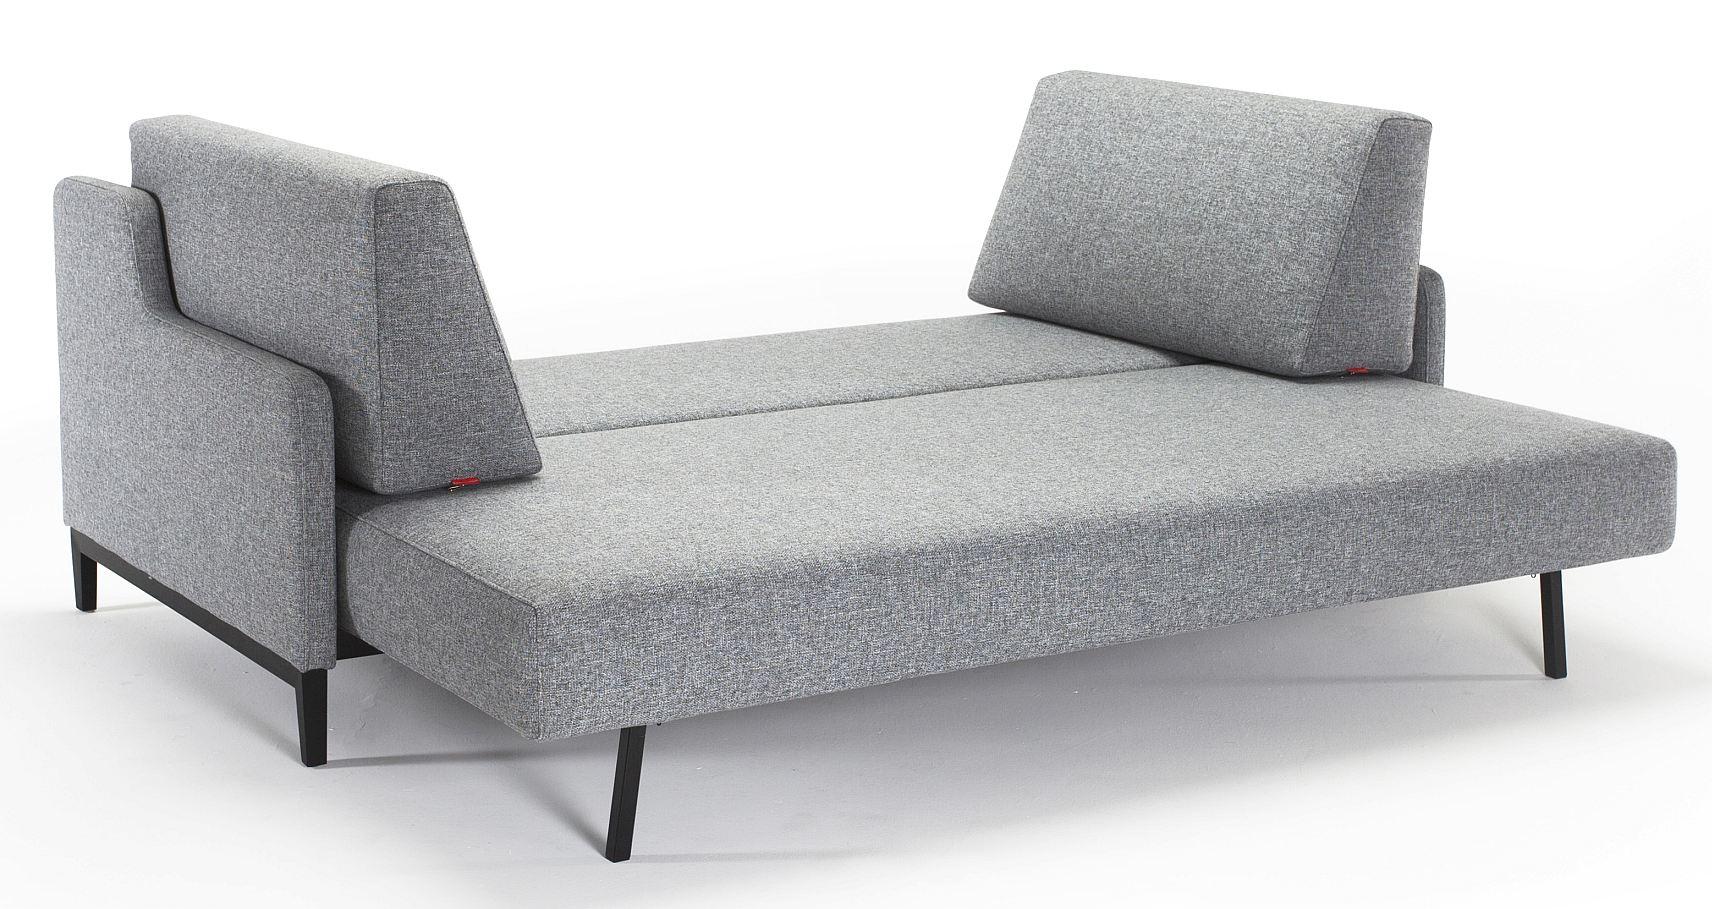 Innovation Slaapbank Hermod - Twist Granite 565